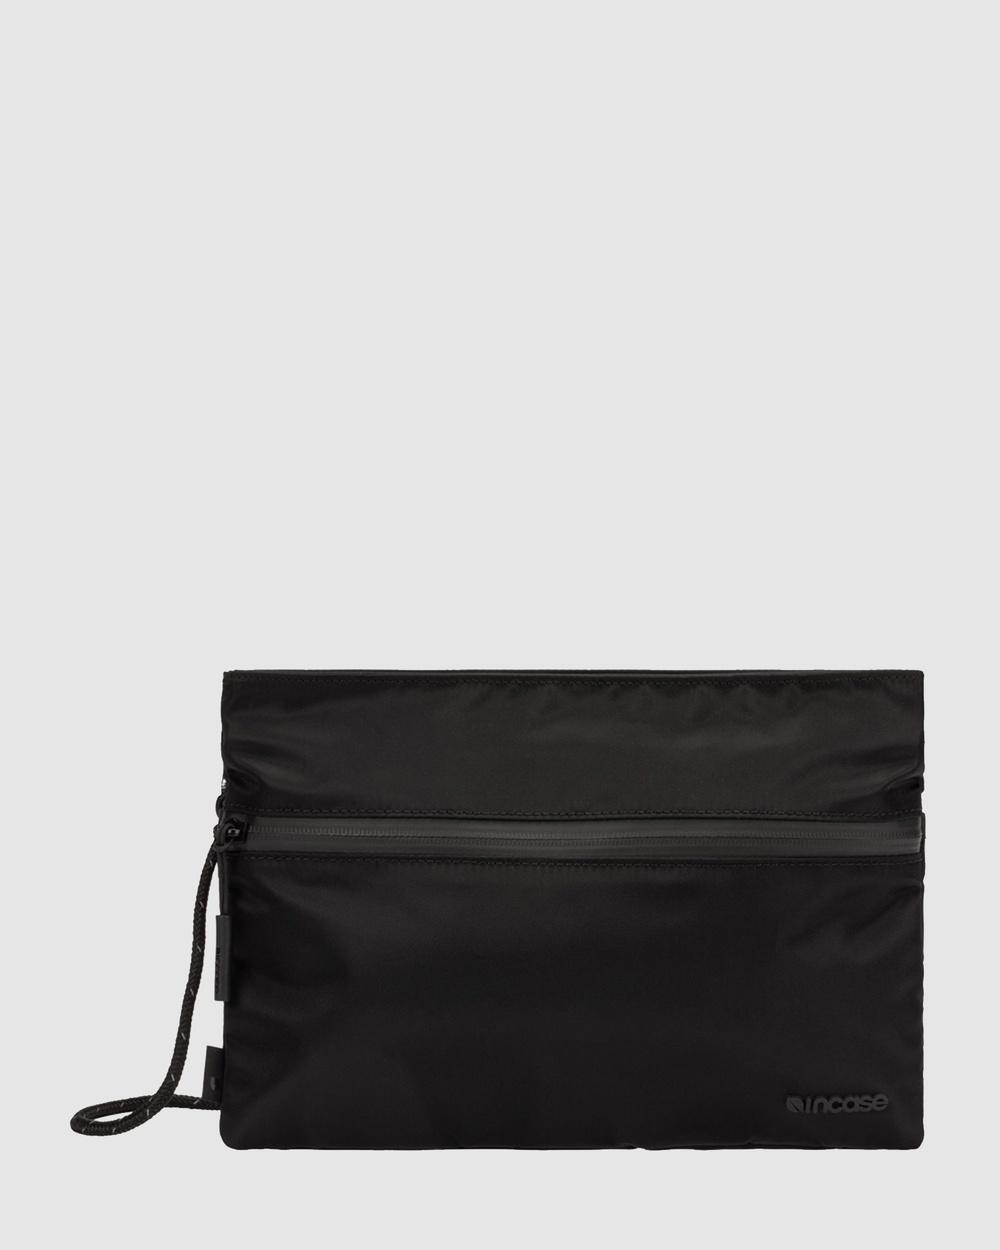 Incase Shoulder Pouch With Flight Nylon Bags Black